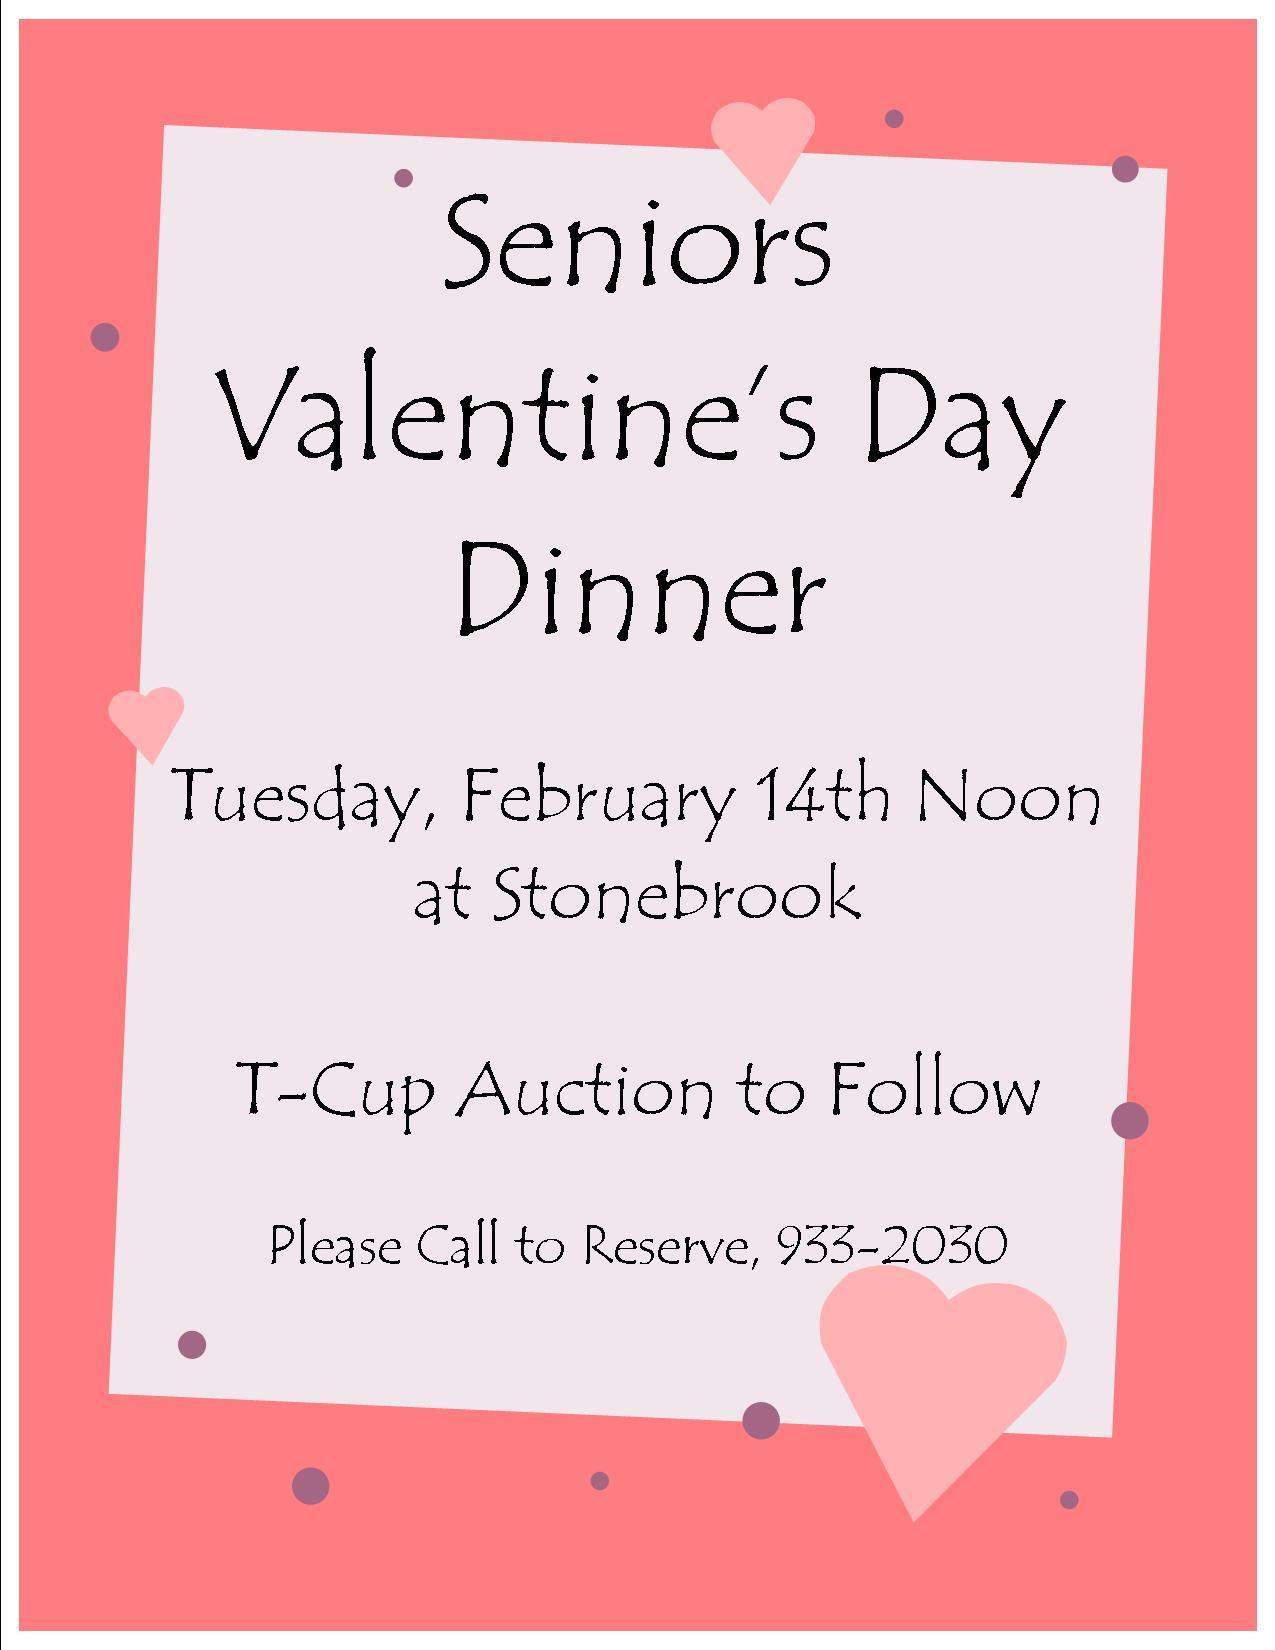 Seniors Valentines Day Dinner